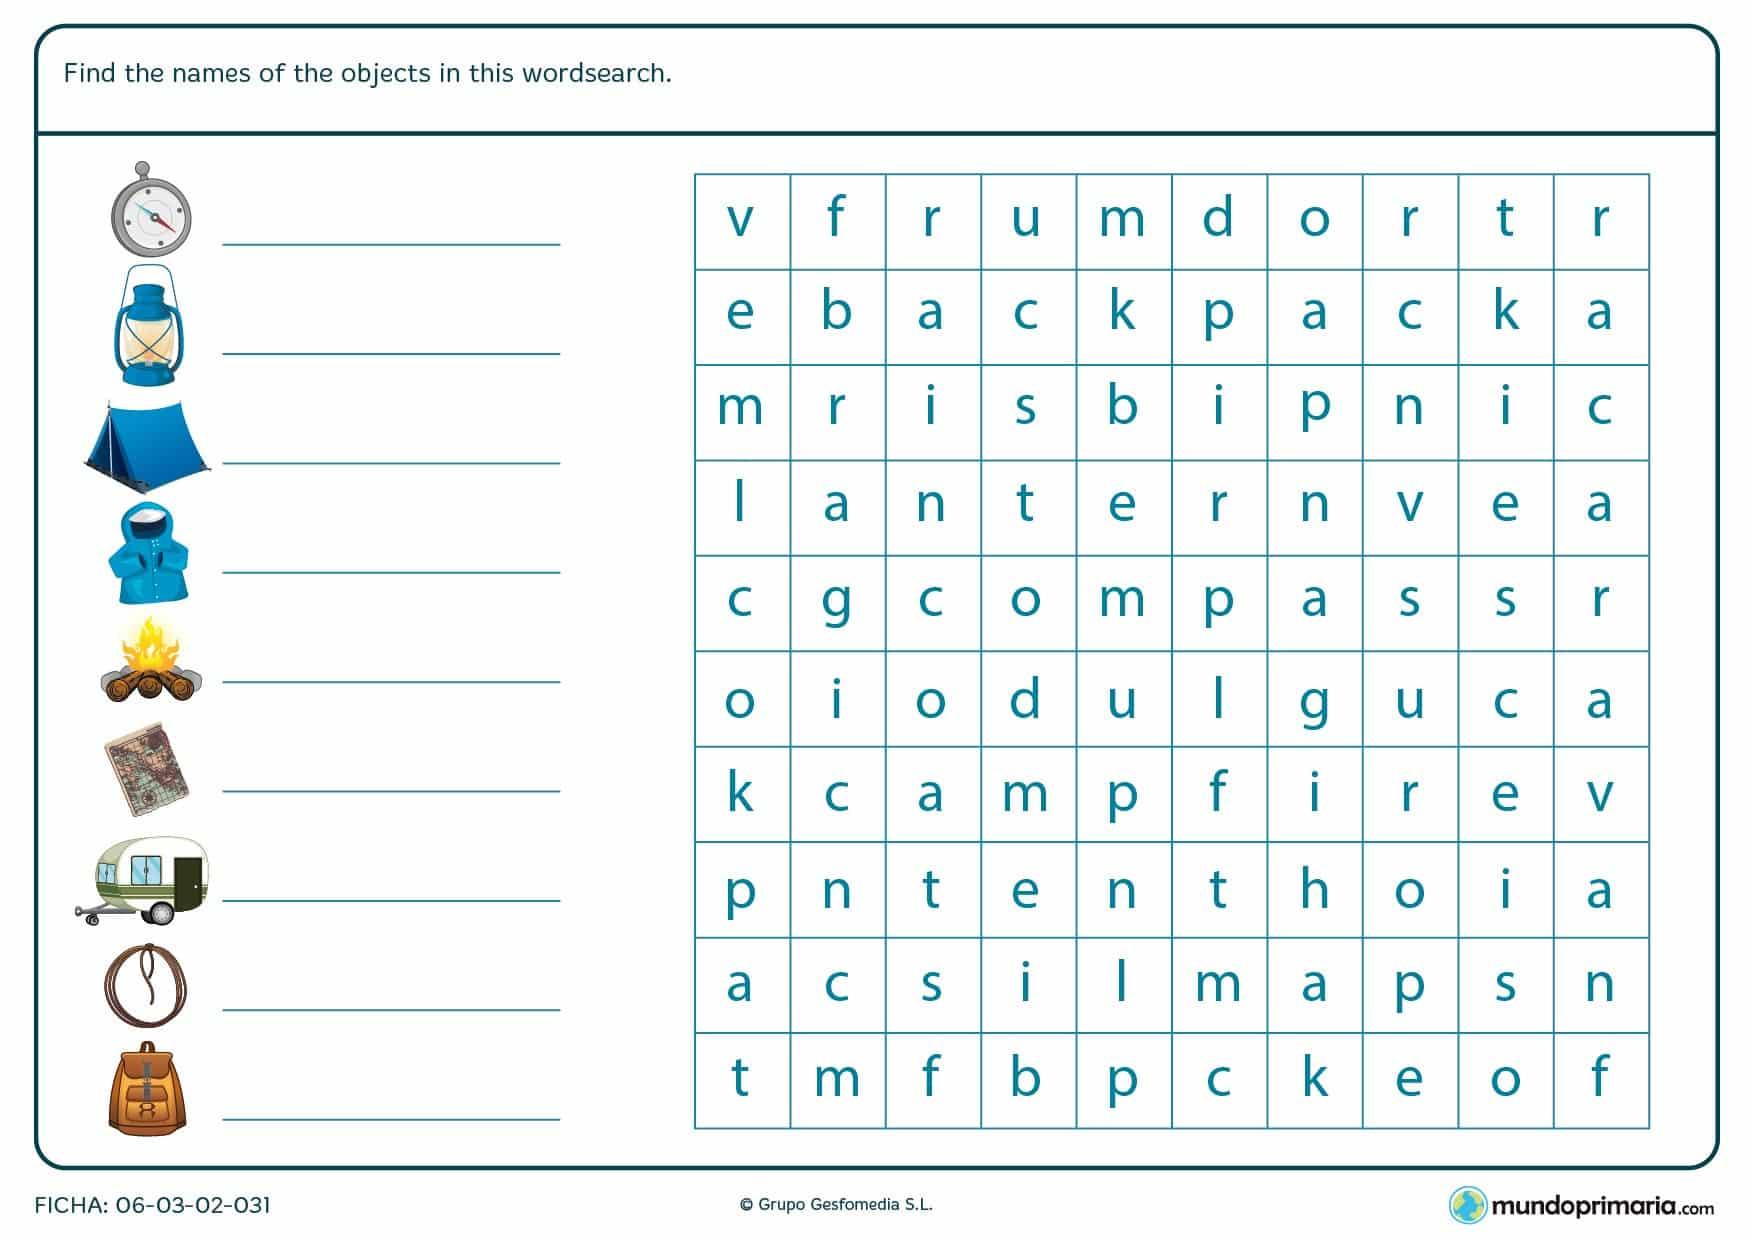 Ficha en la que los niños escribirán el nombre de cada objeto de acampada y después lo buscarán en una sopa de letras, rodeando cada palabra.